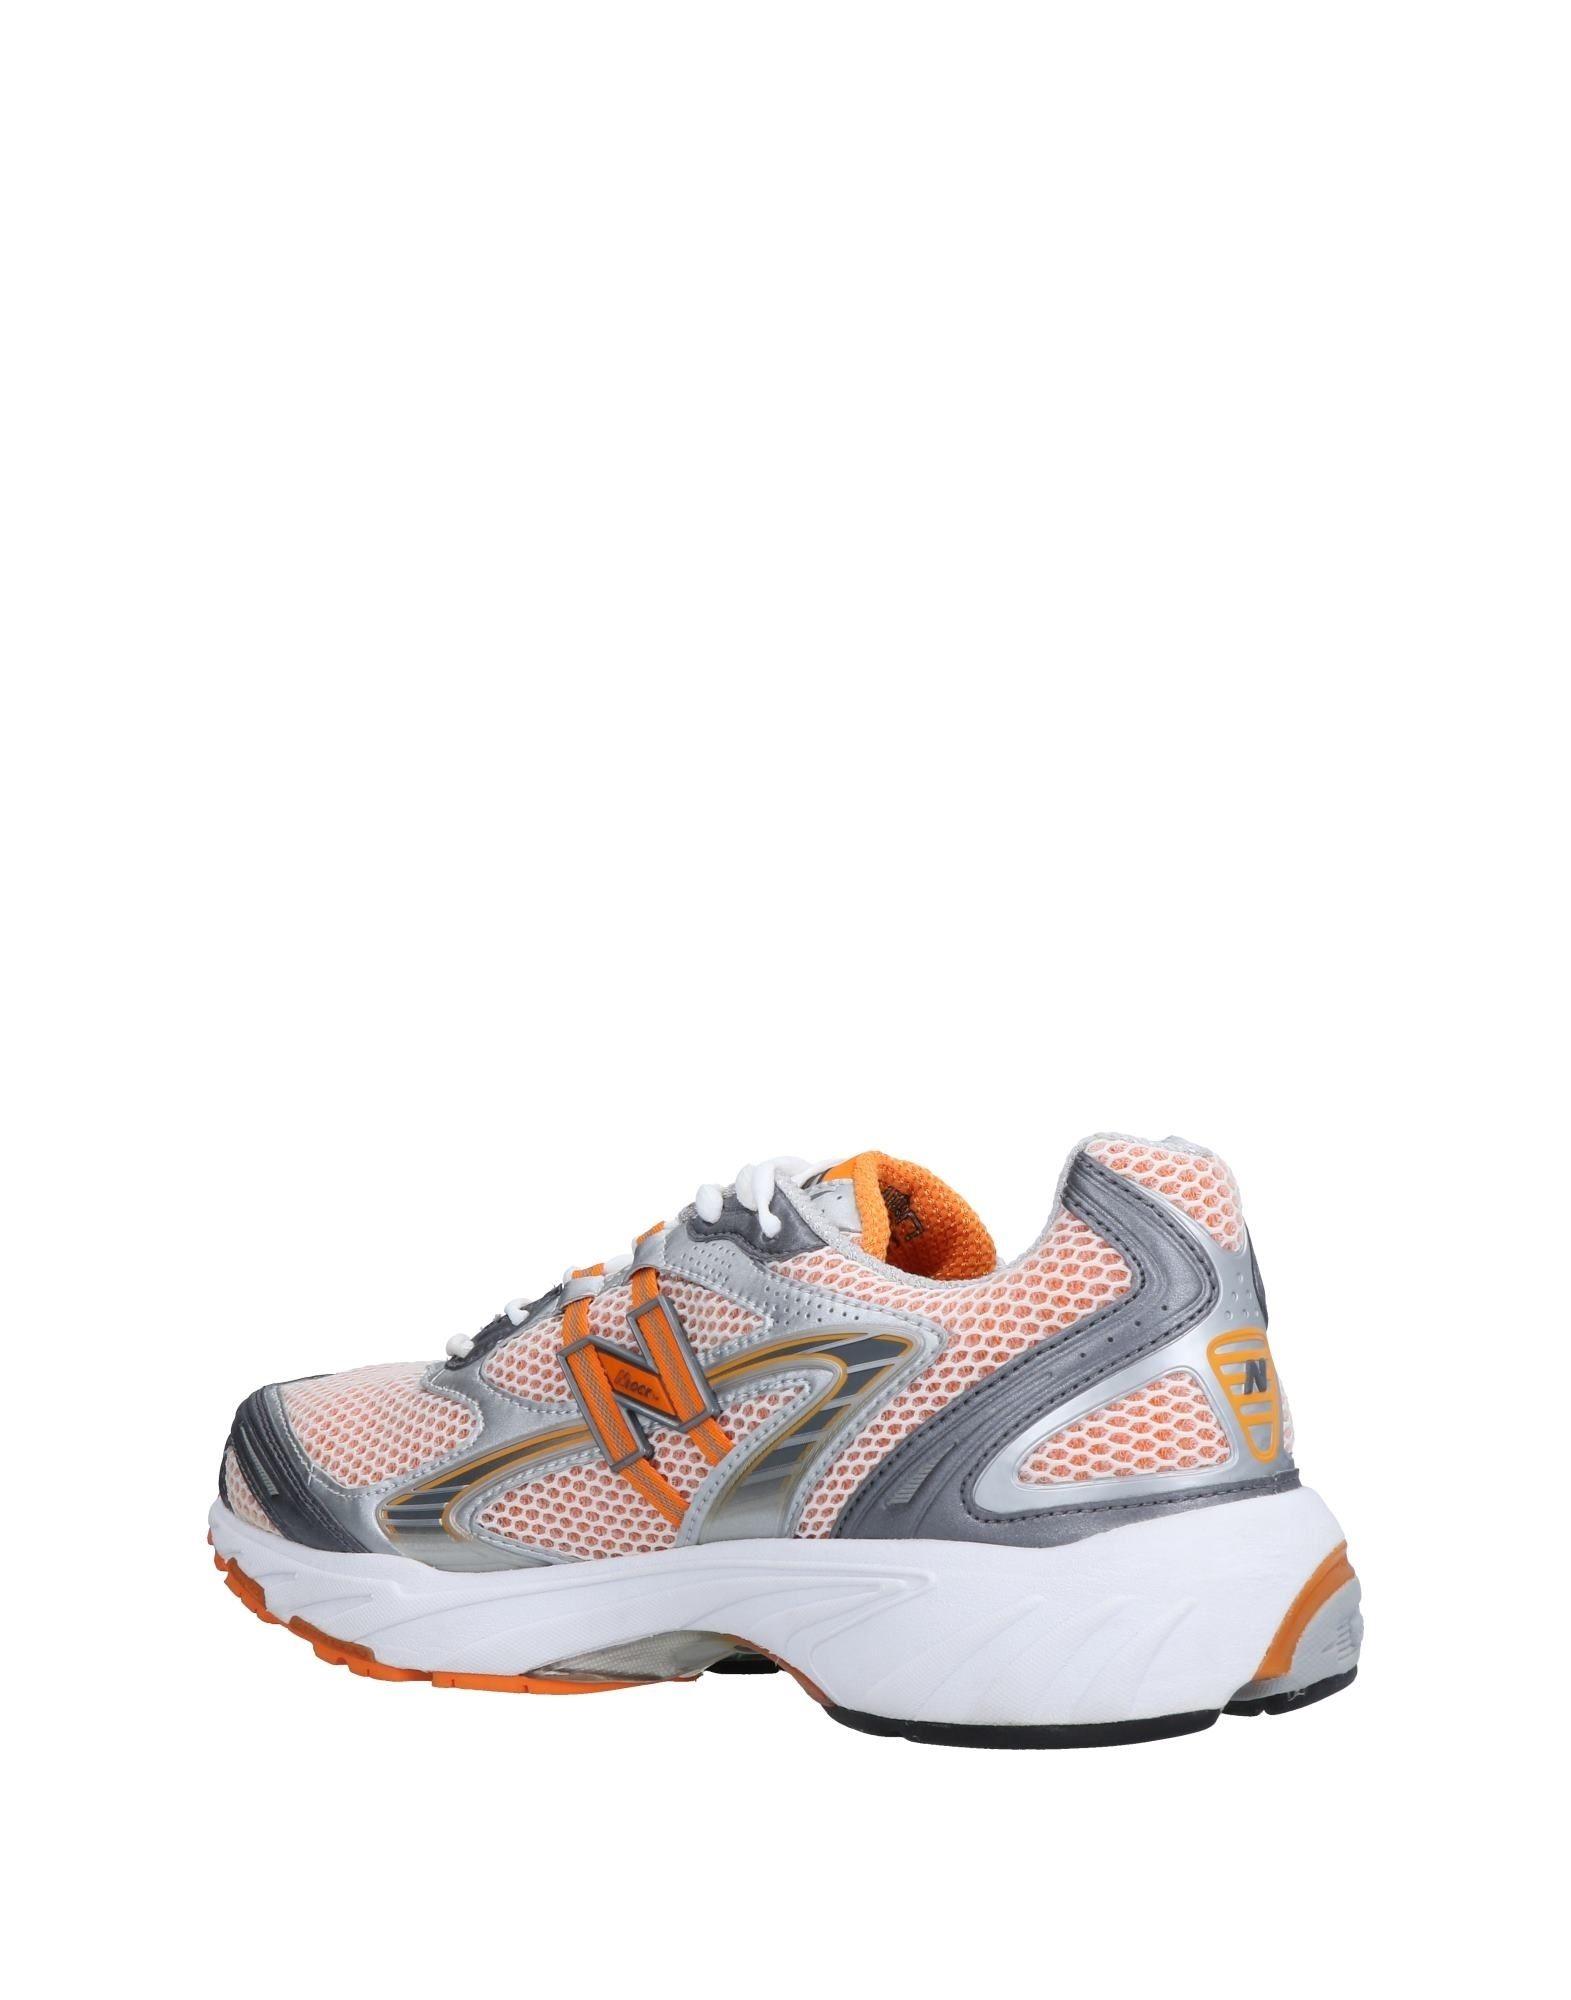 New Balance 11512050JP Achieve Sneakers Herren  11512050JP Balance 4be9ba